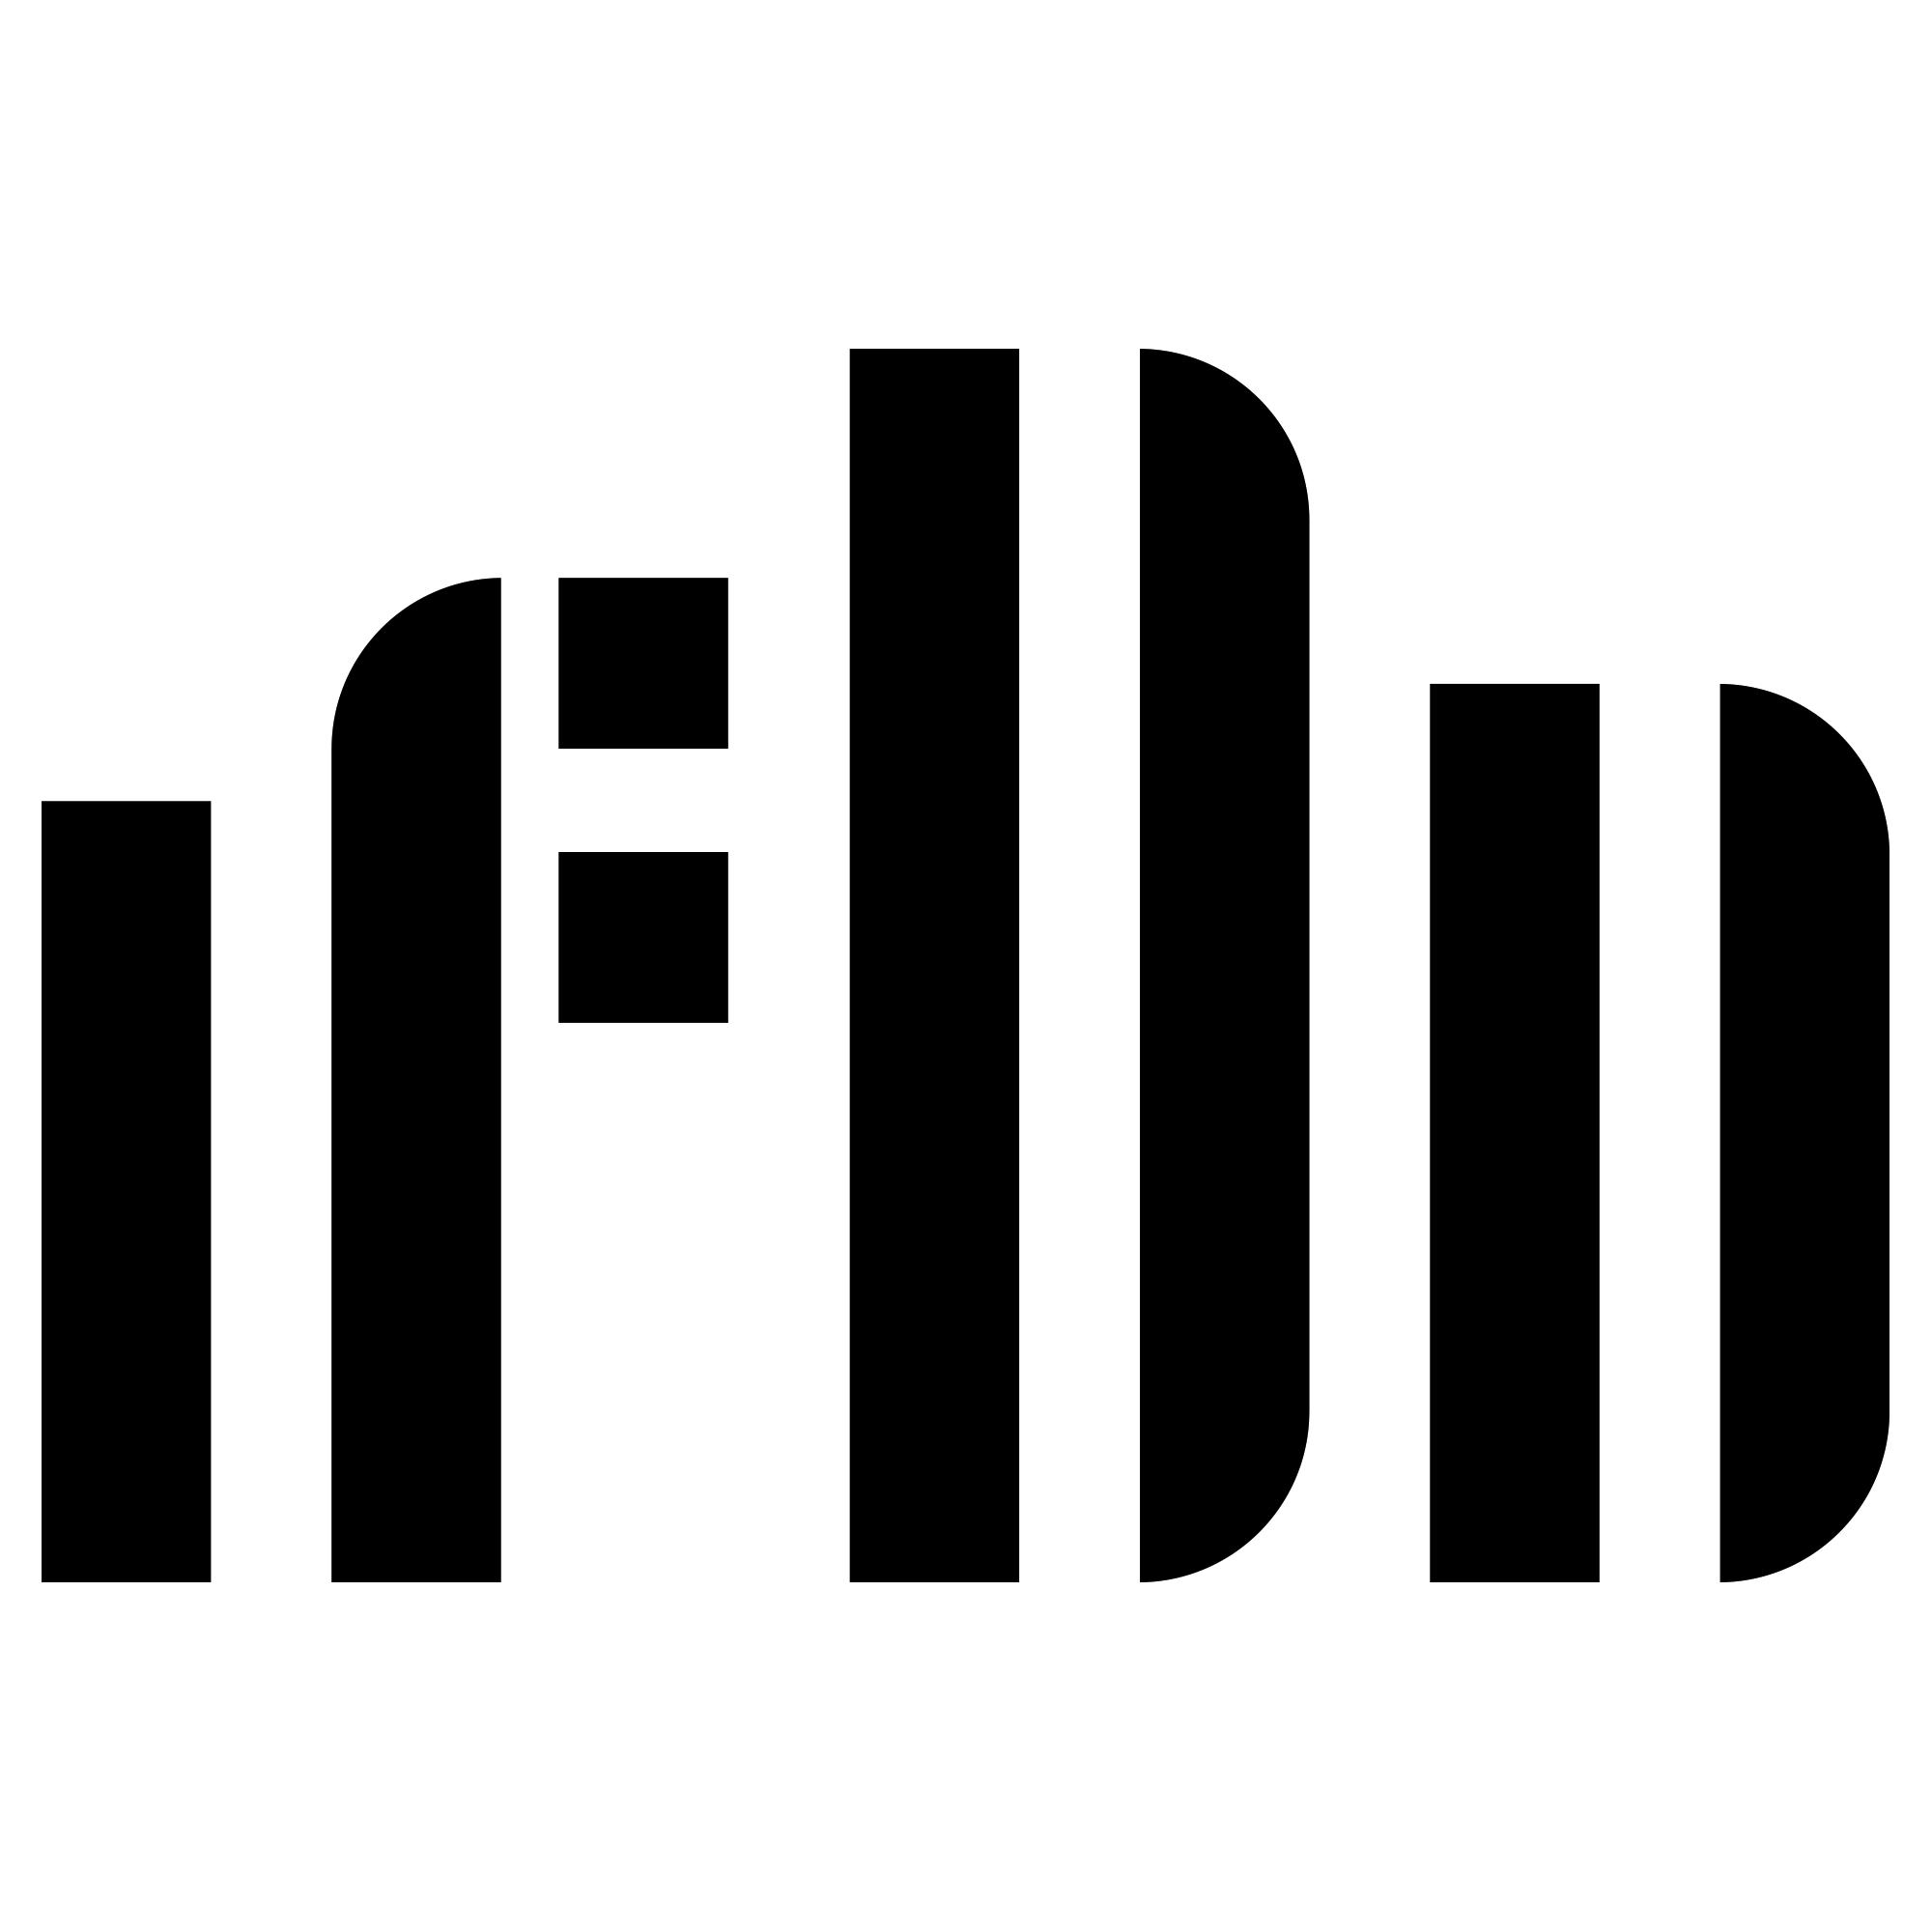 ifdd.at